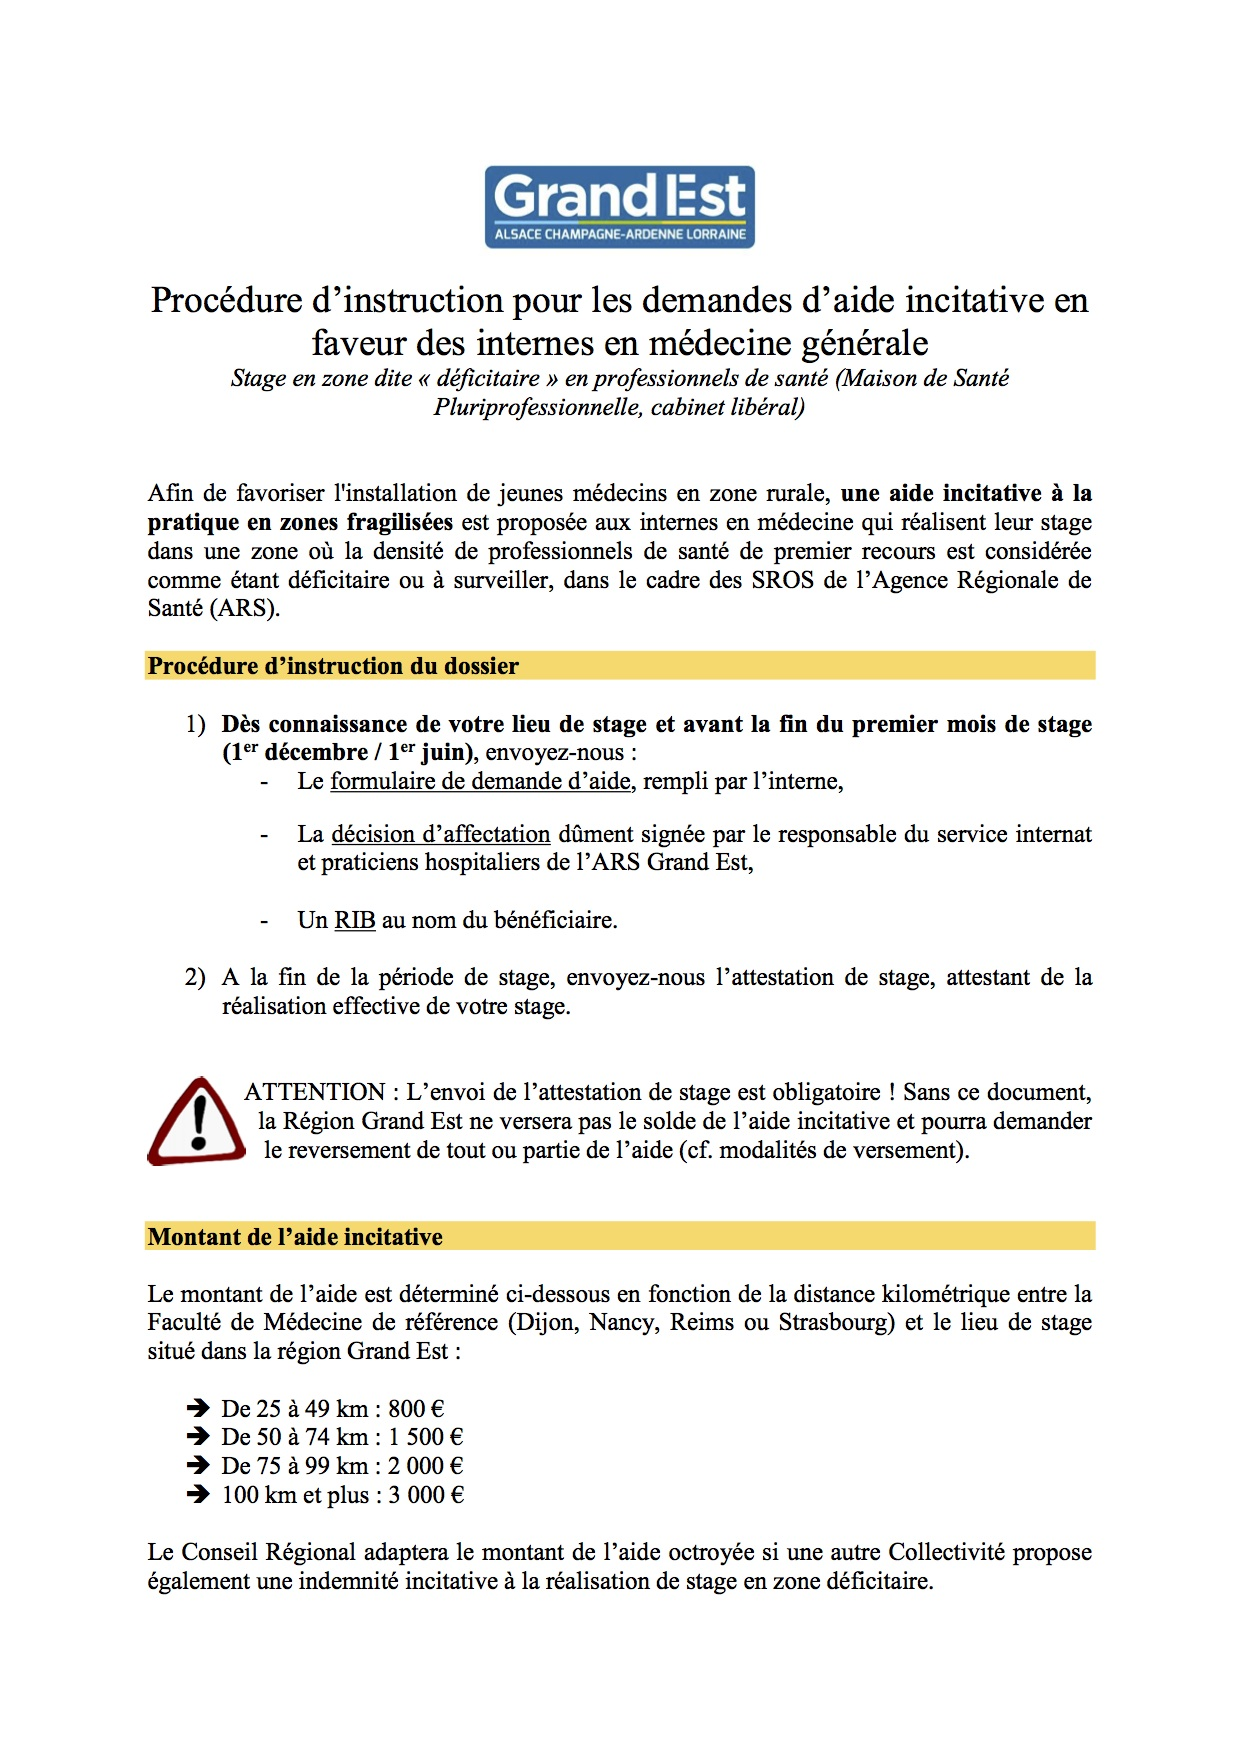 formulaire-2017-aide-incitative-region-grand-est